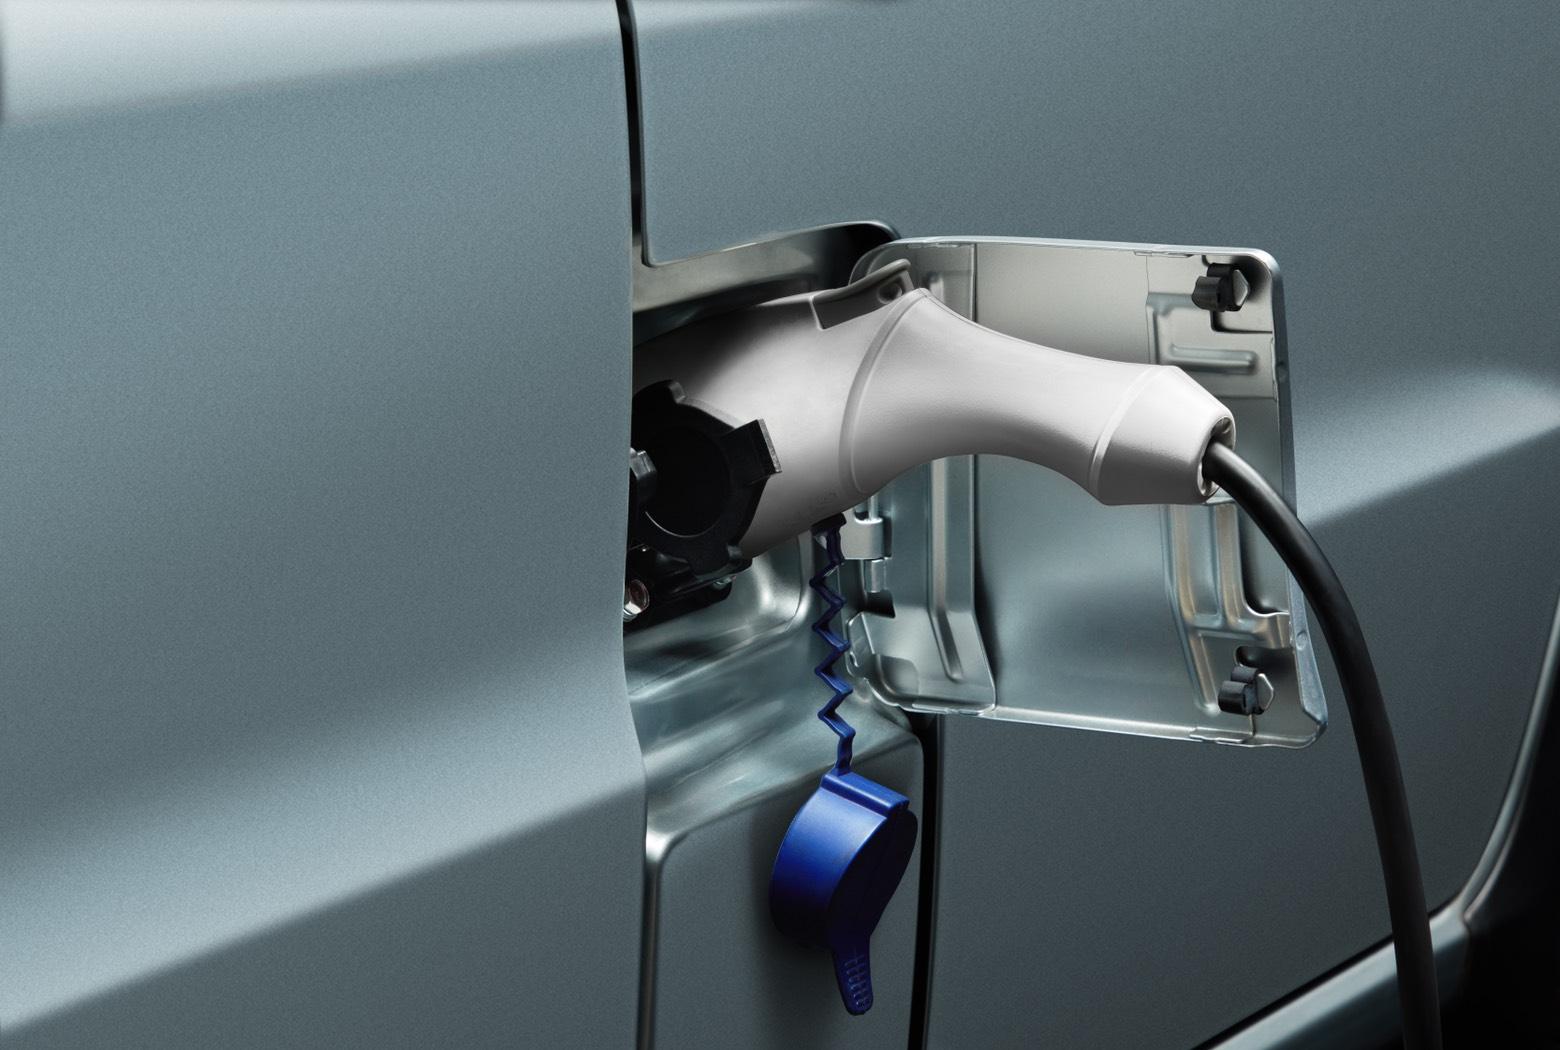 即日起購買e-VERYCA再加贈20米內基本免費安裝及隨車充電器,讓您充電好安心.jpg